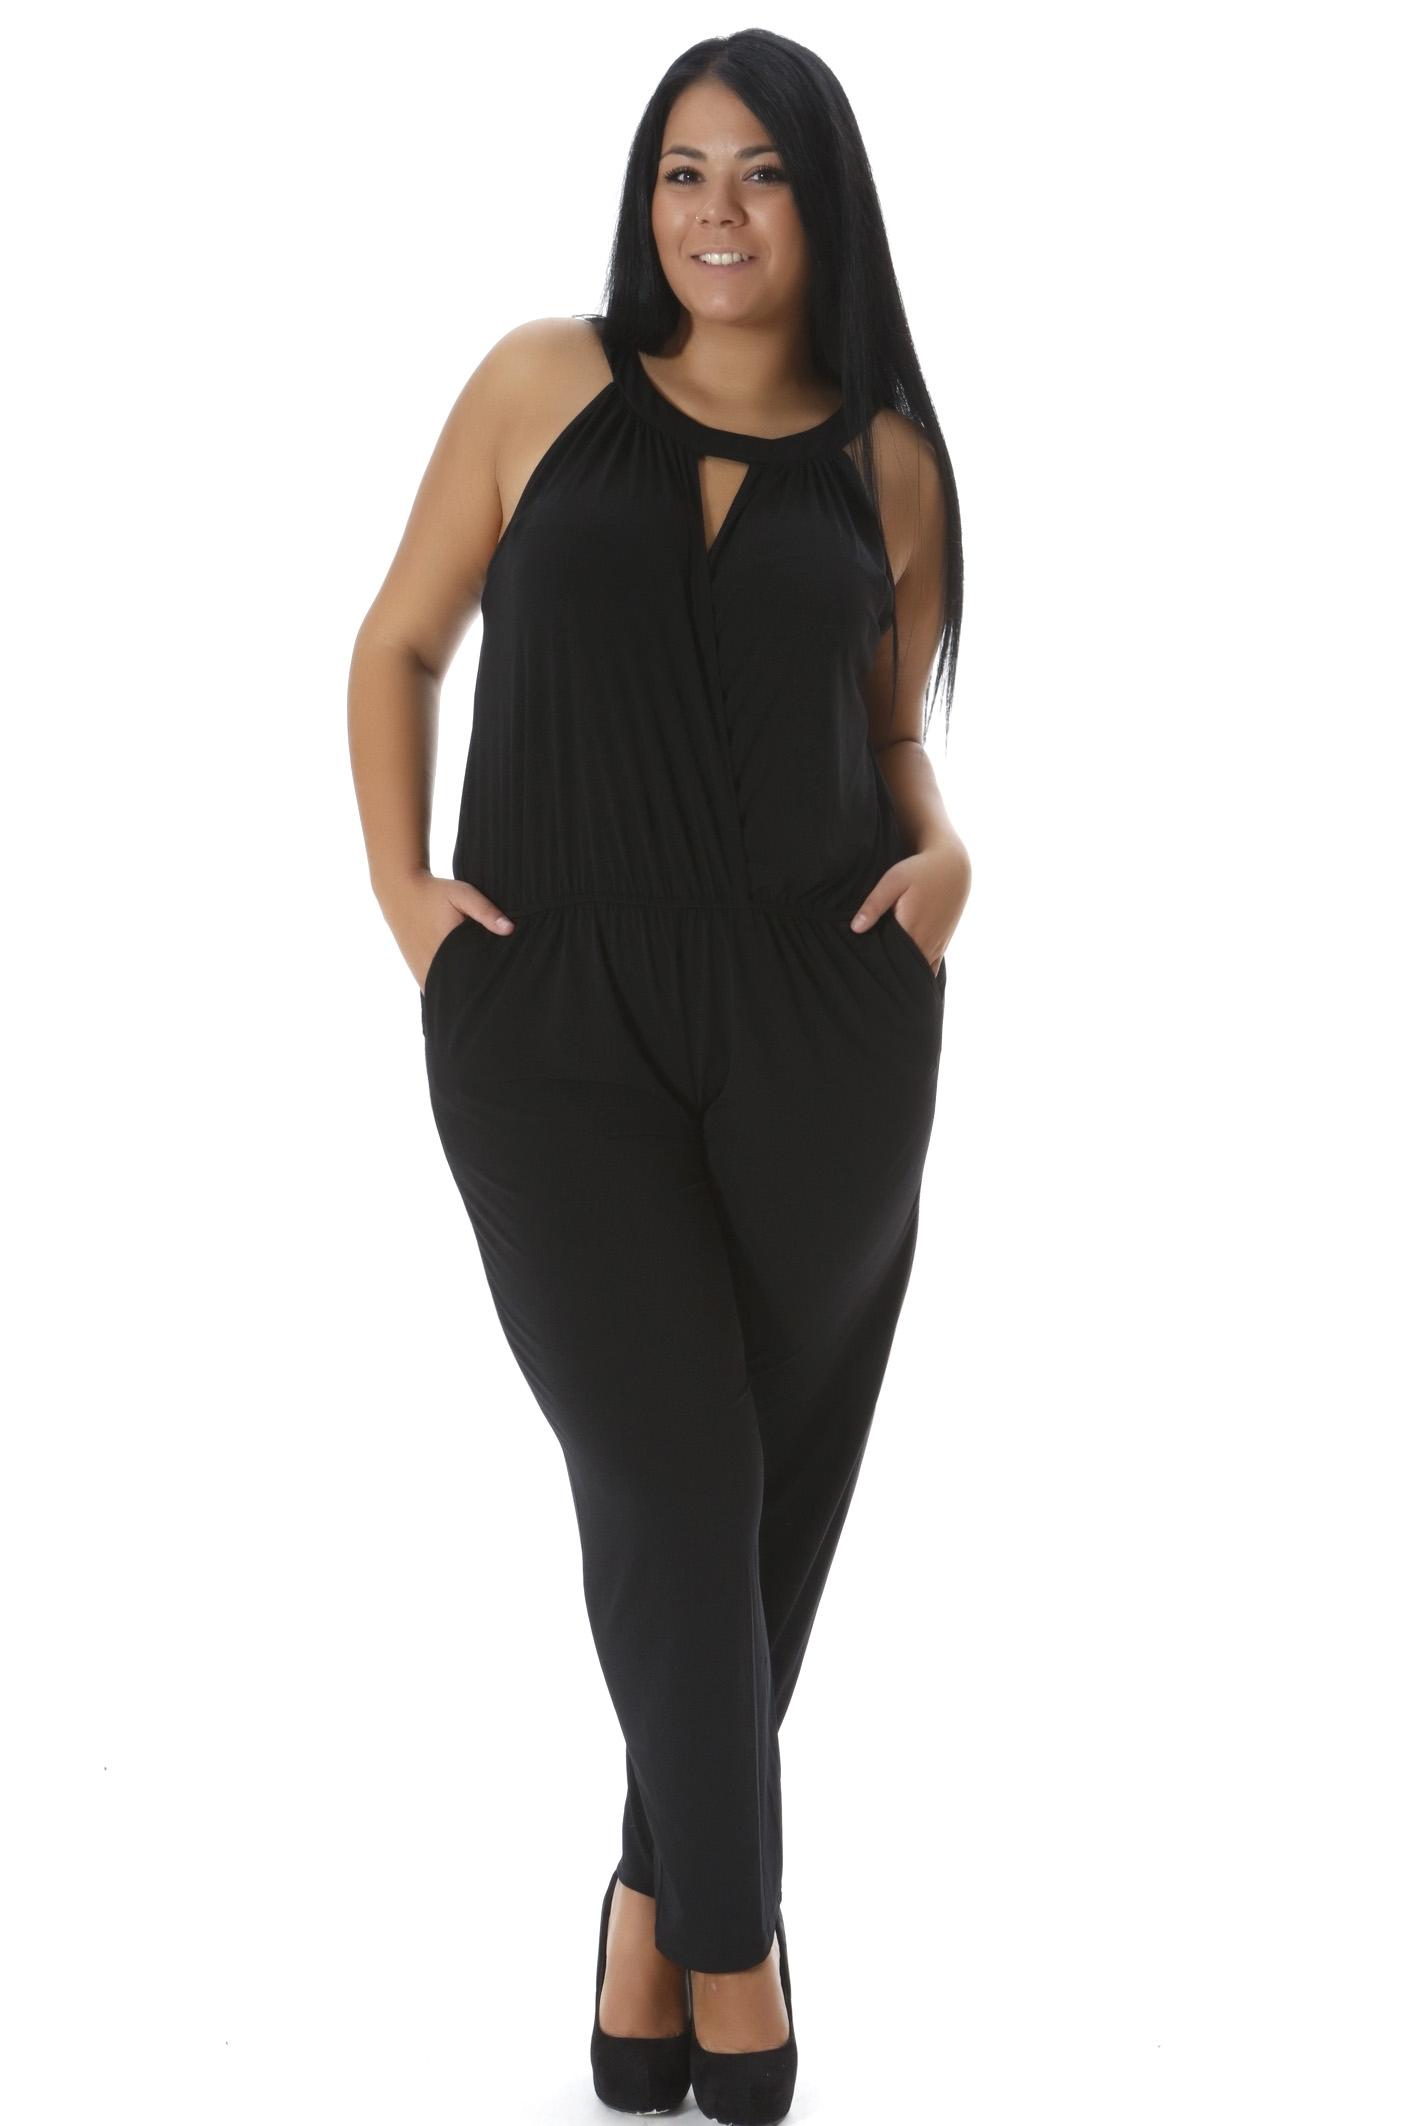 Ολόσωμη φόρμα κρουαζέ μαύρη νέες αφίξεις   ενδύματα   φορέματα